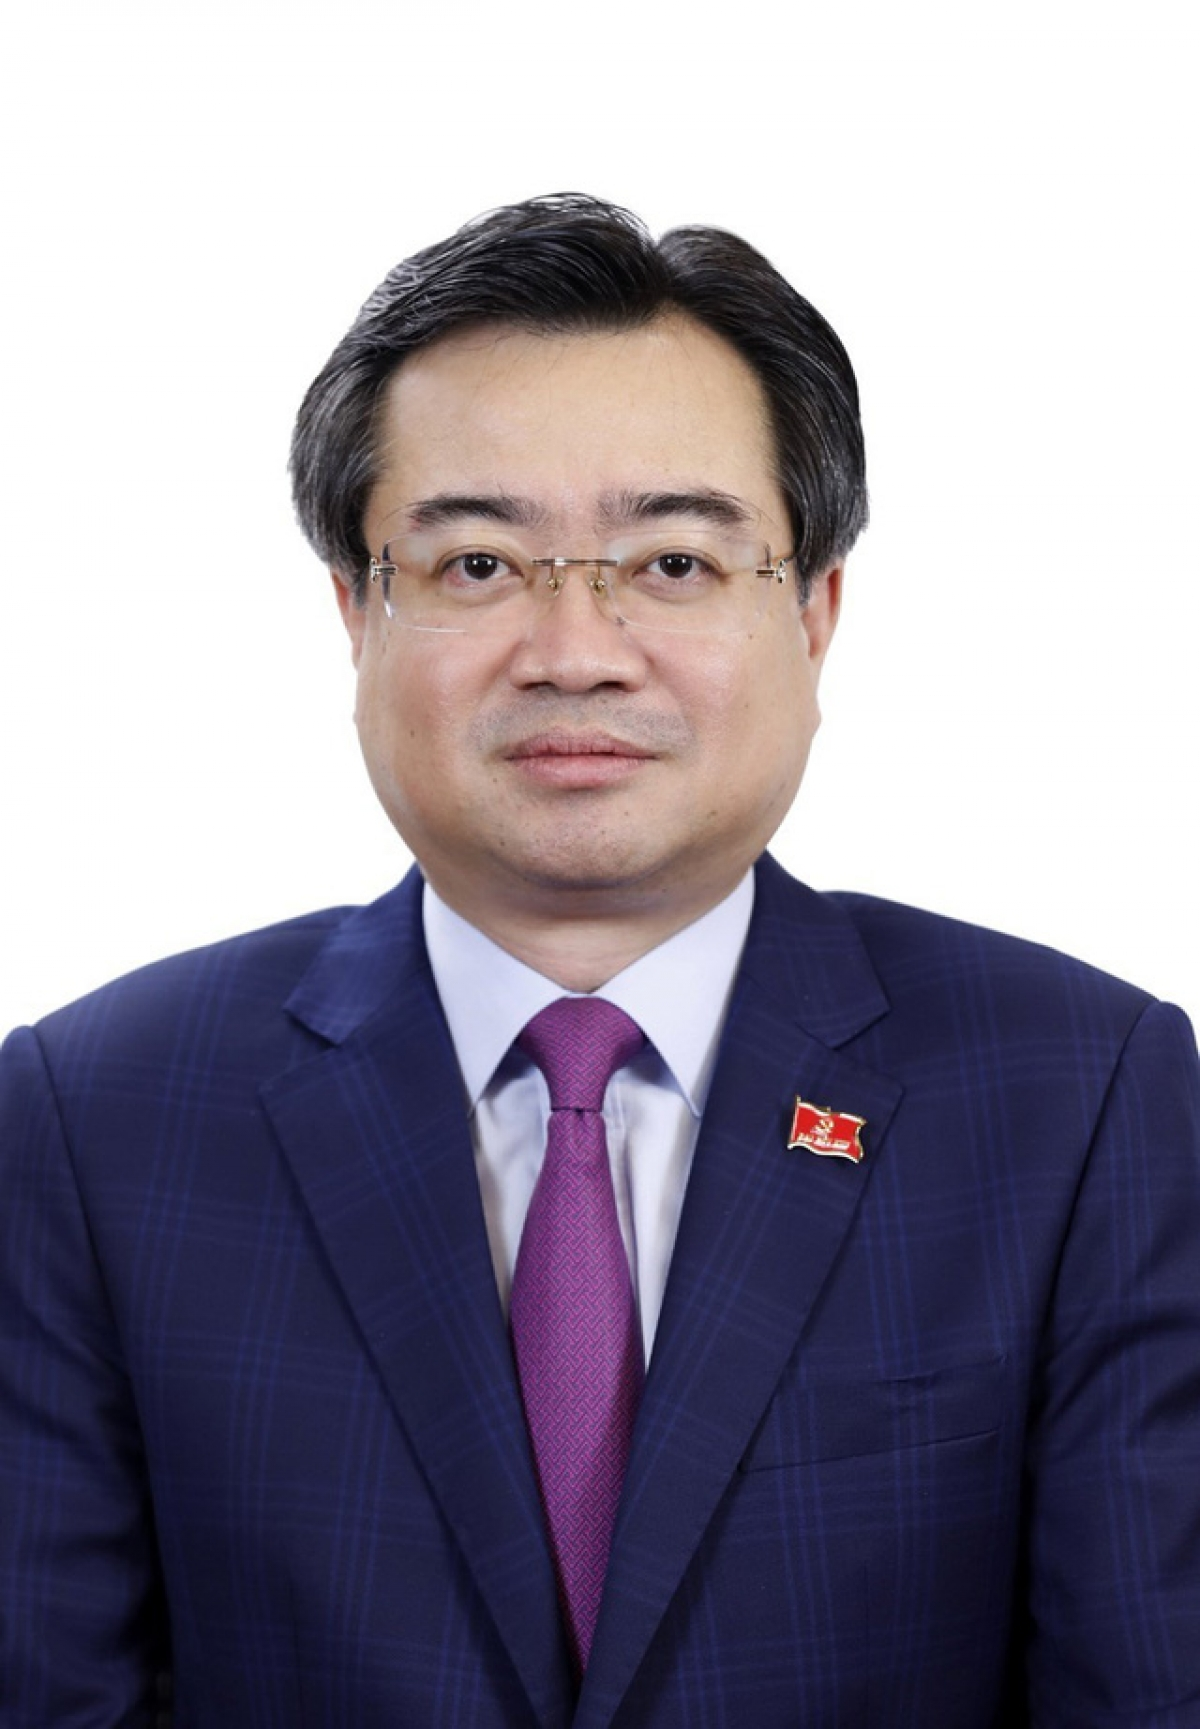 Bộ trưởng Bộ Xây dựng Nguyễn Thanh Nghị